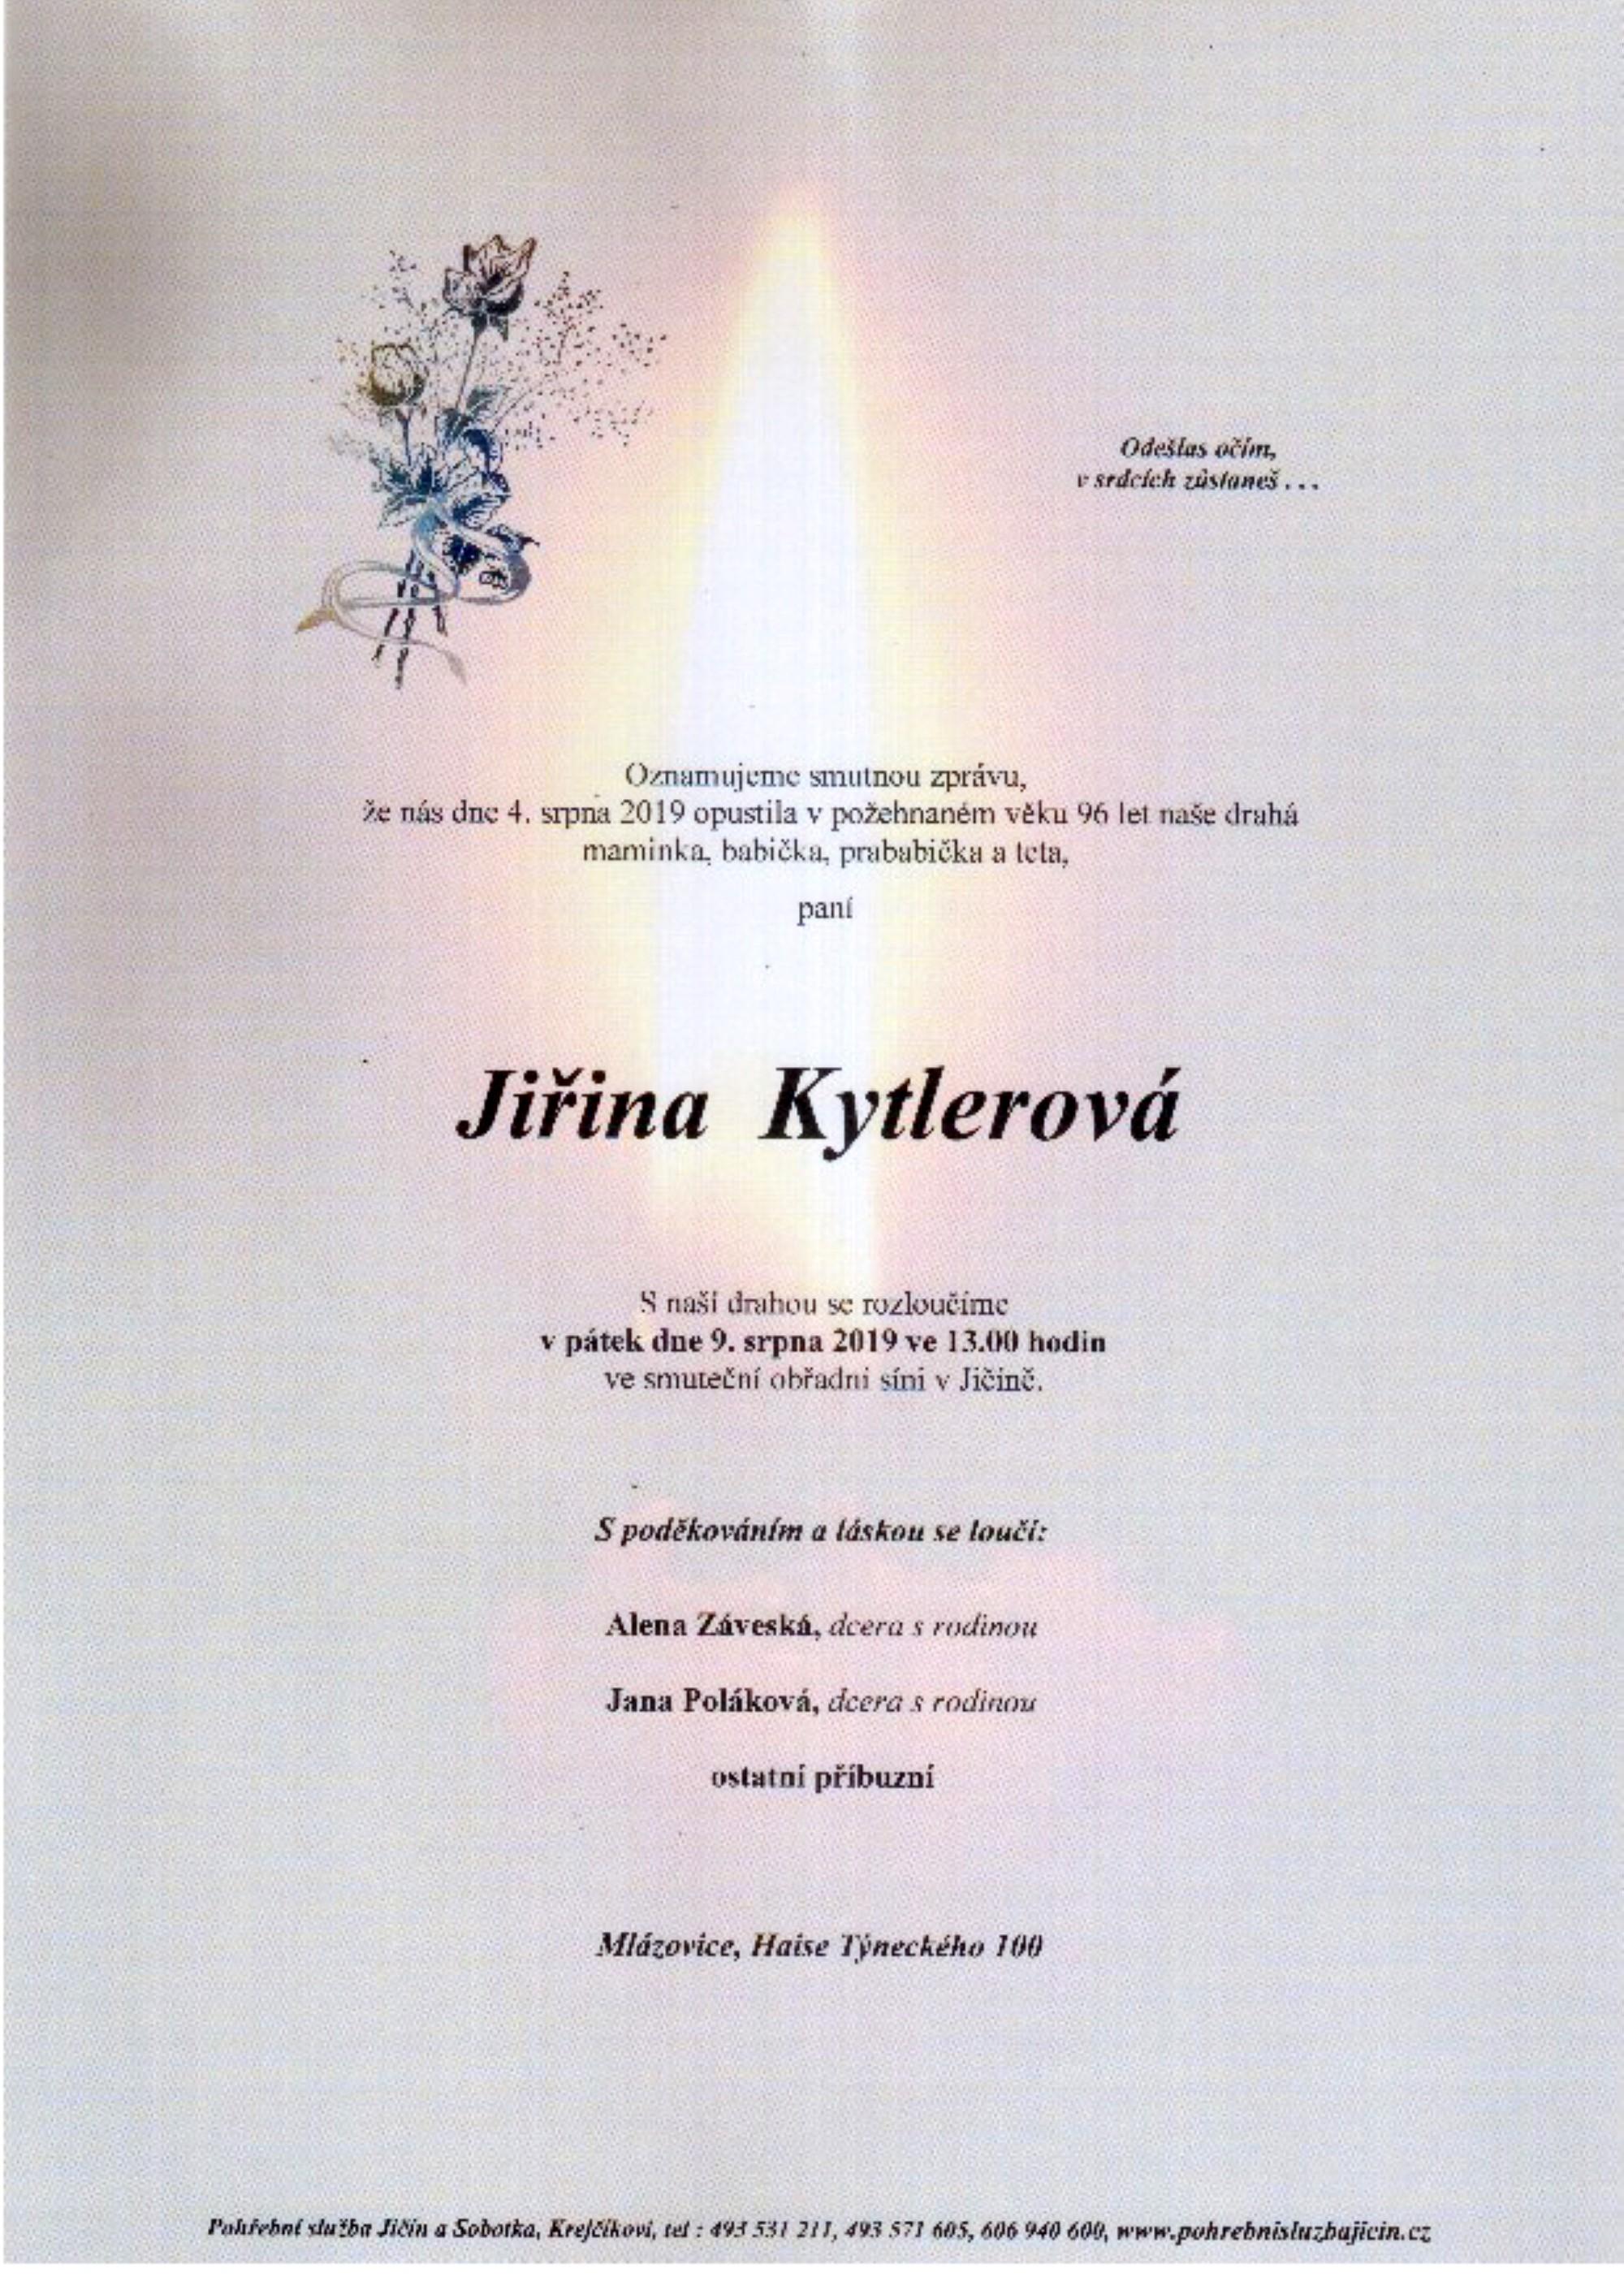 Jiřina Kytlerová